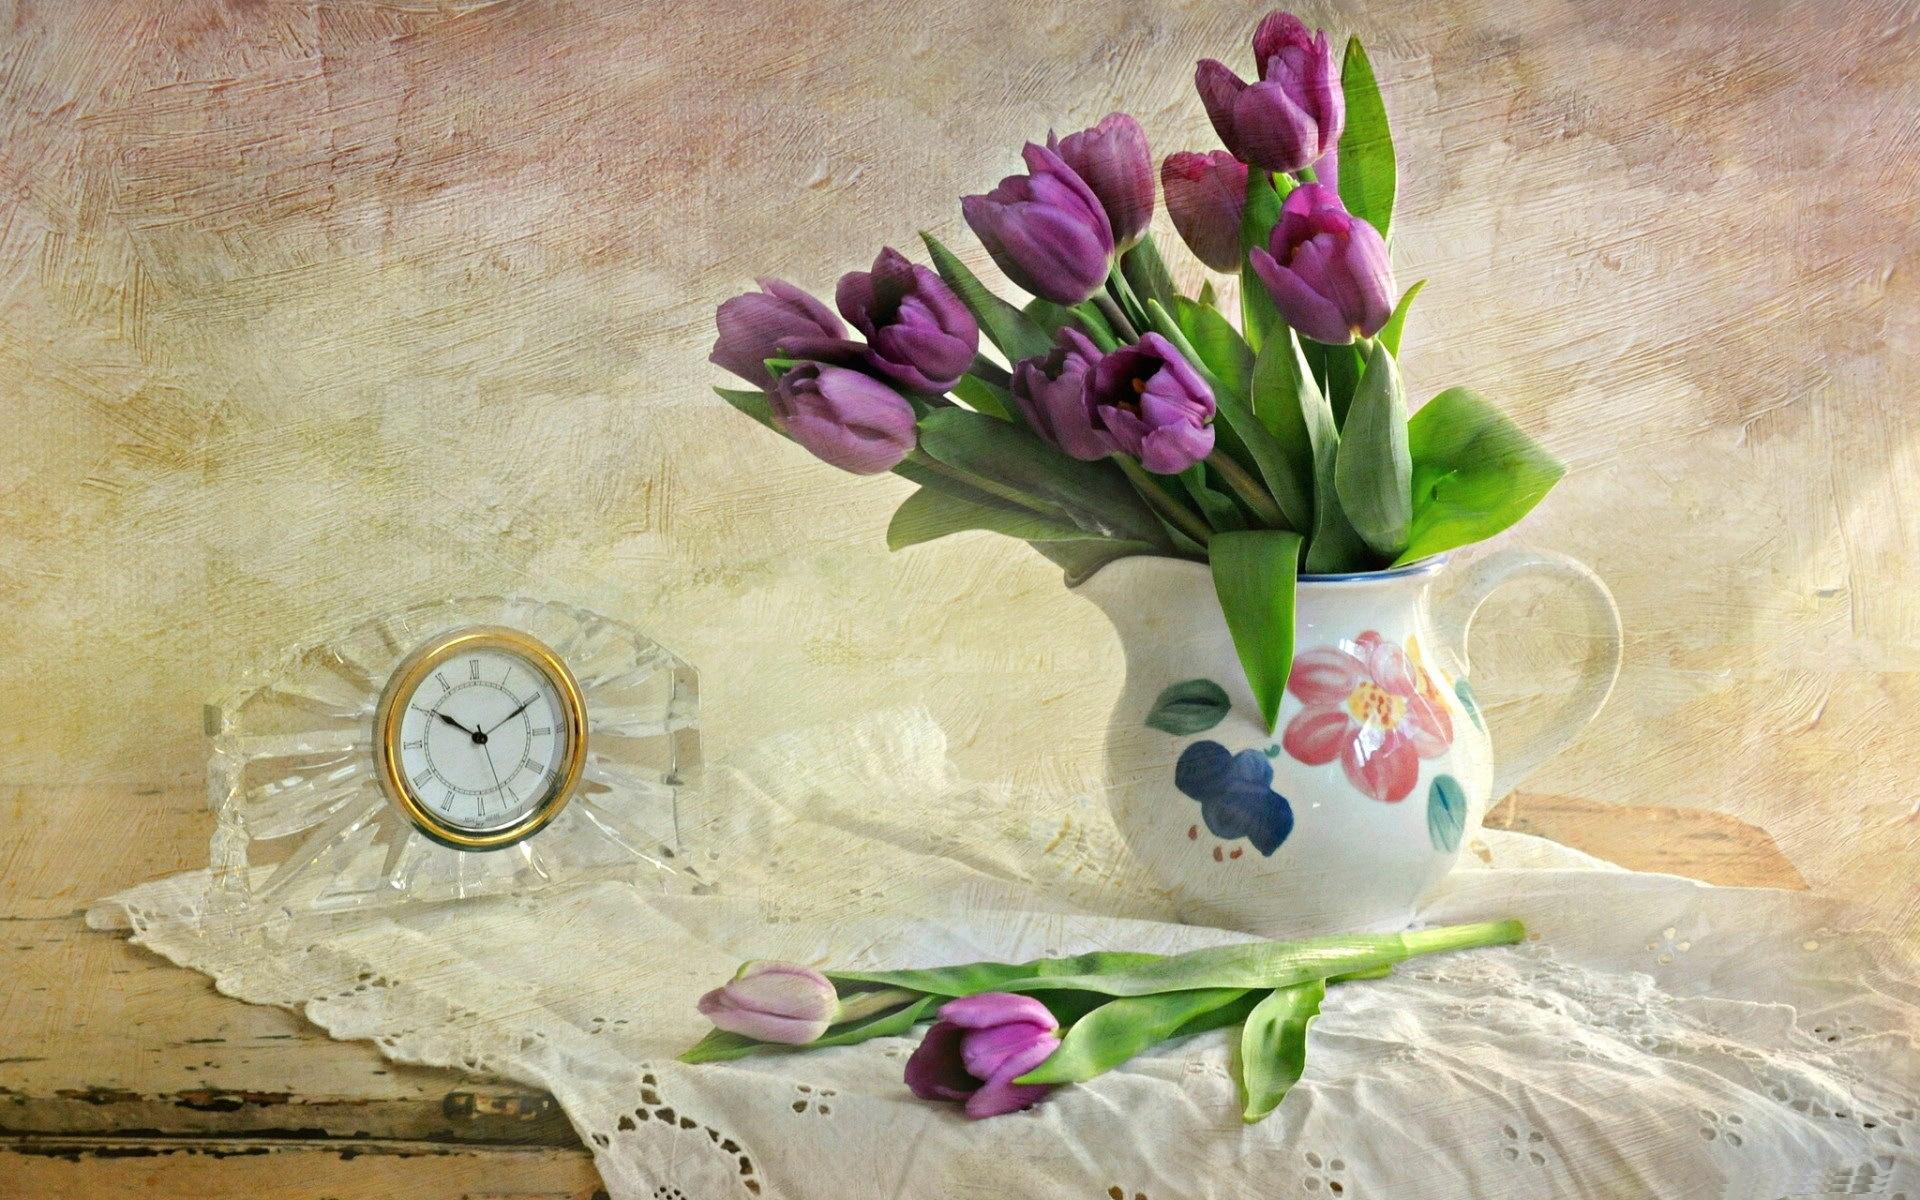 тюльпаны ваза море  № 1012848 загрузить